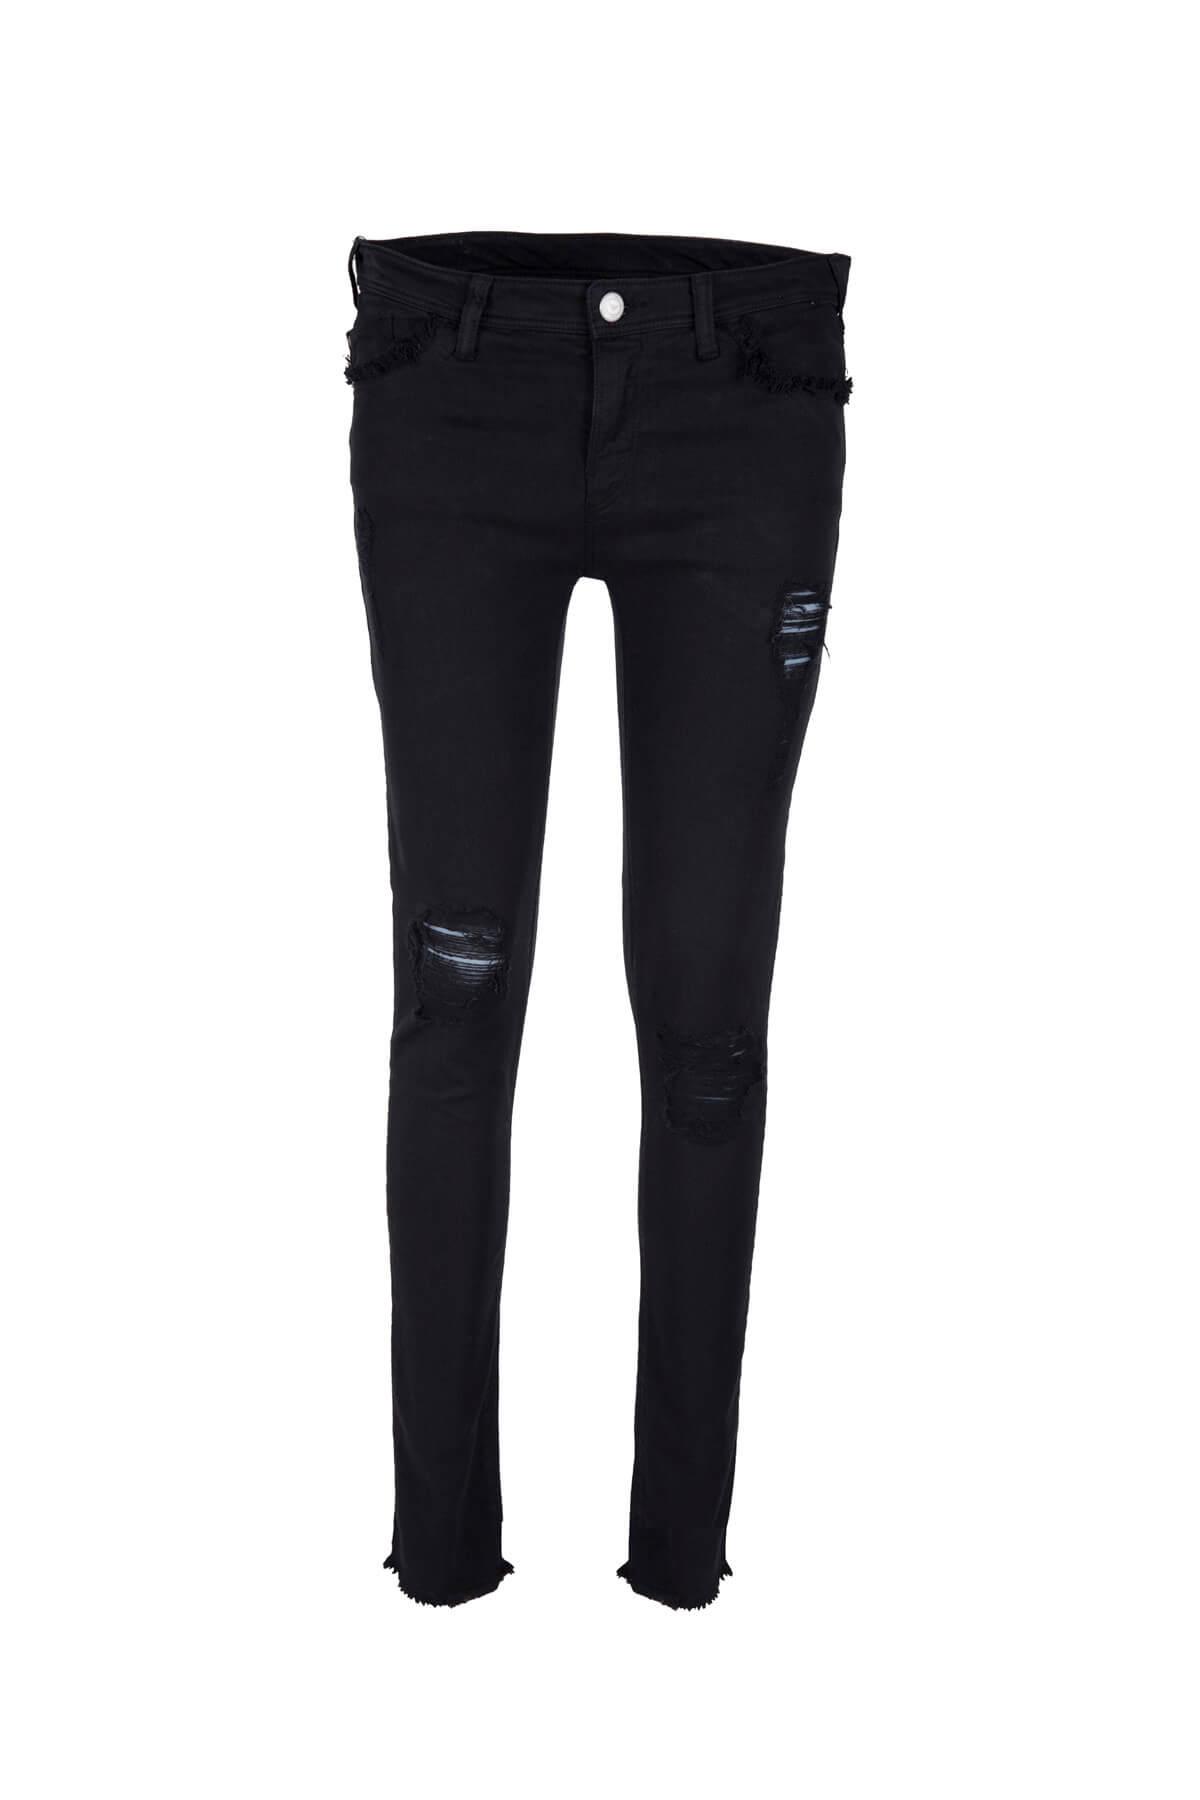 Emporio Armani Kadın Skinny Jeans